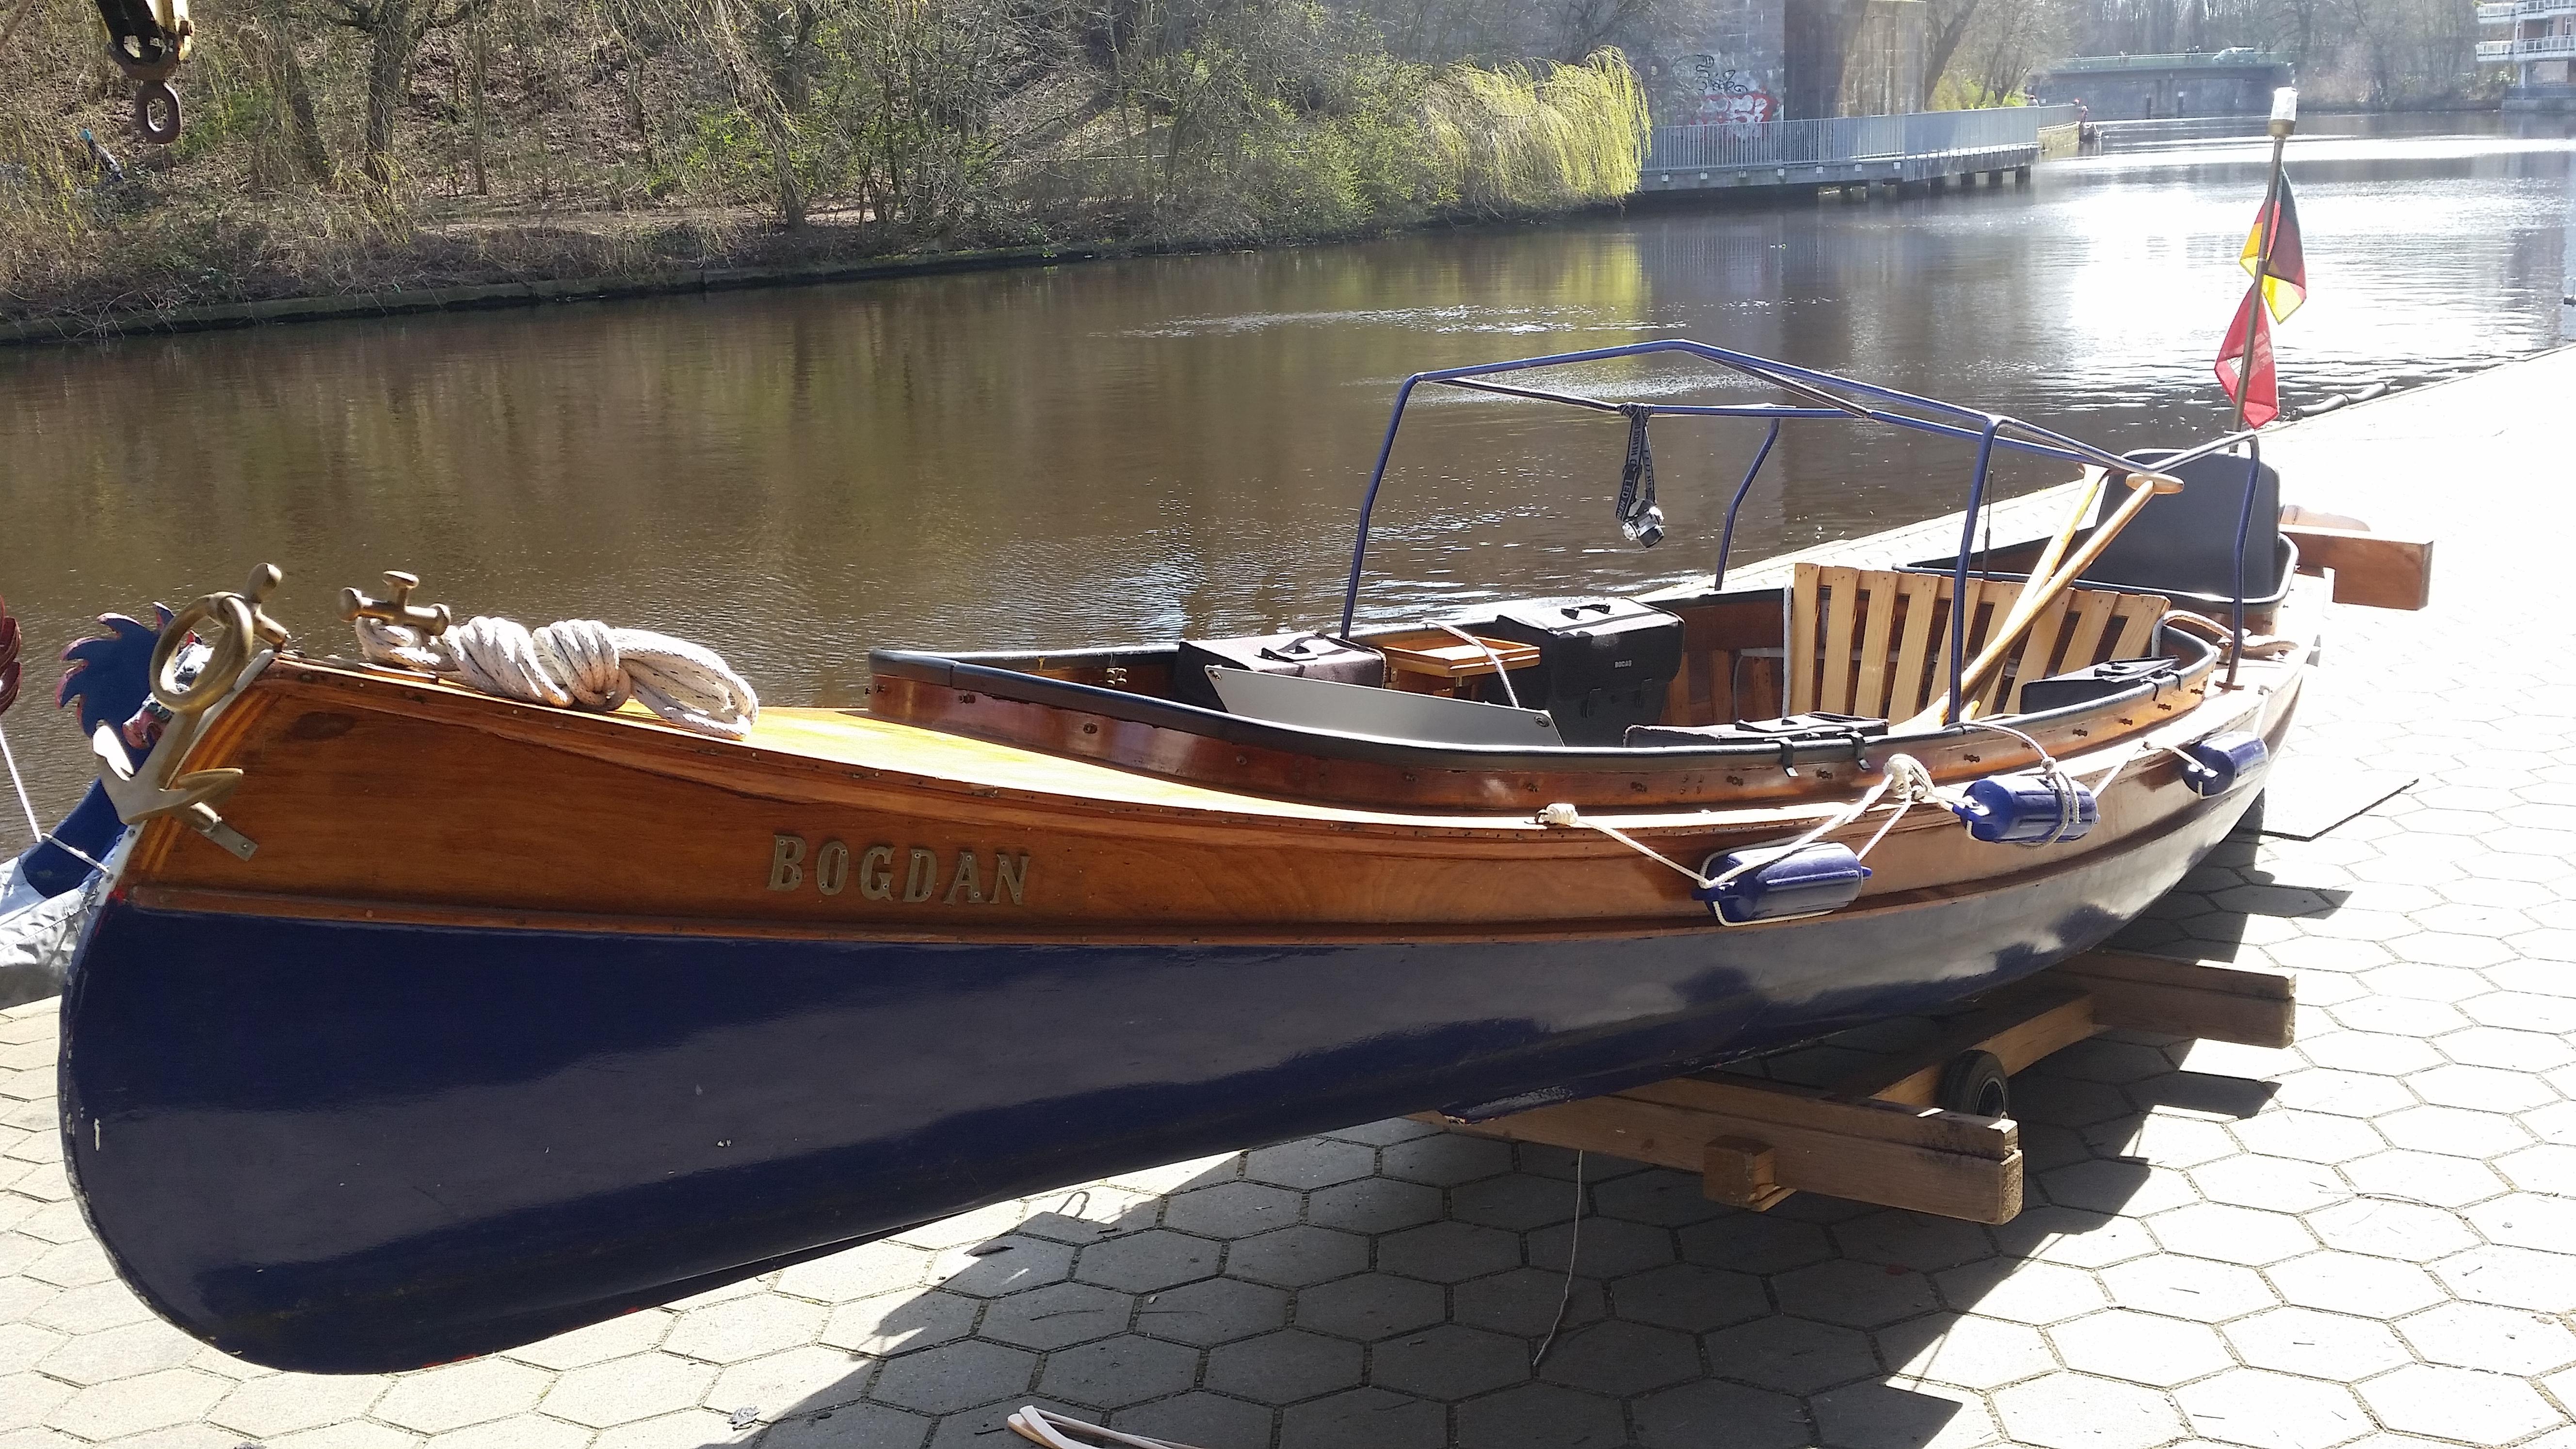 Wunderschönes Elbkanu wartet auf seinen ersten Einsatz am Anleger Hamburg